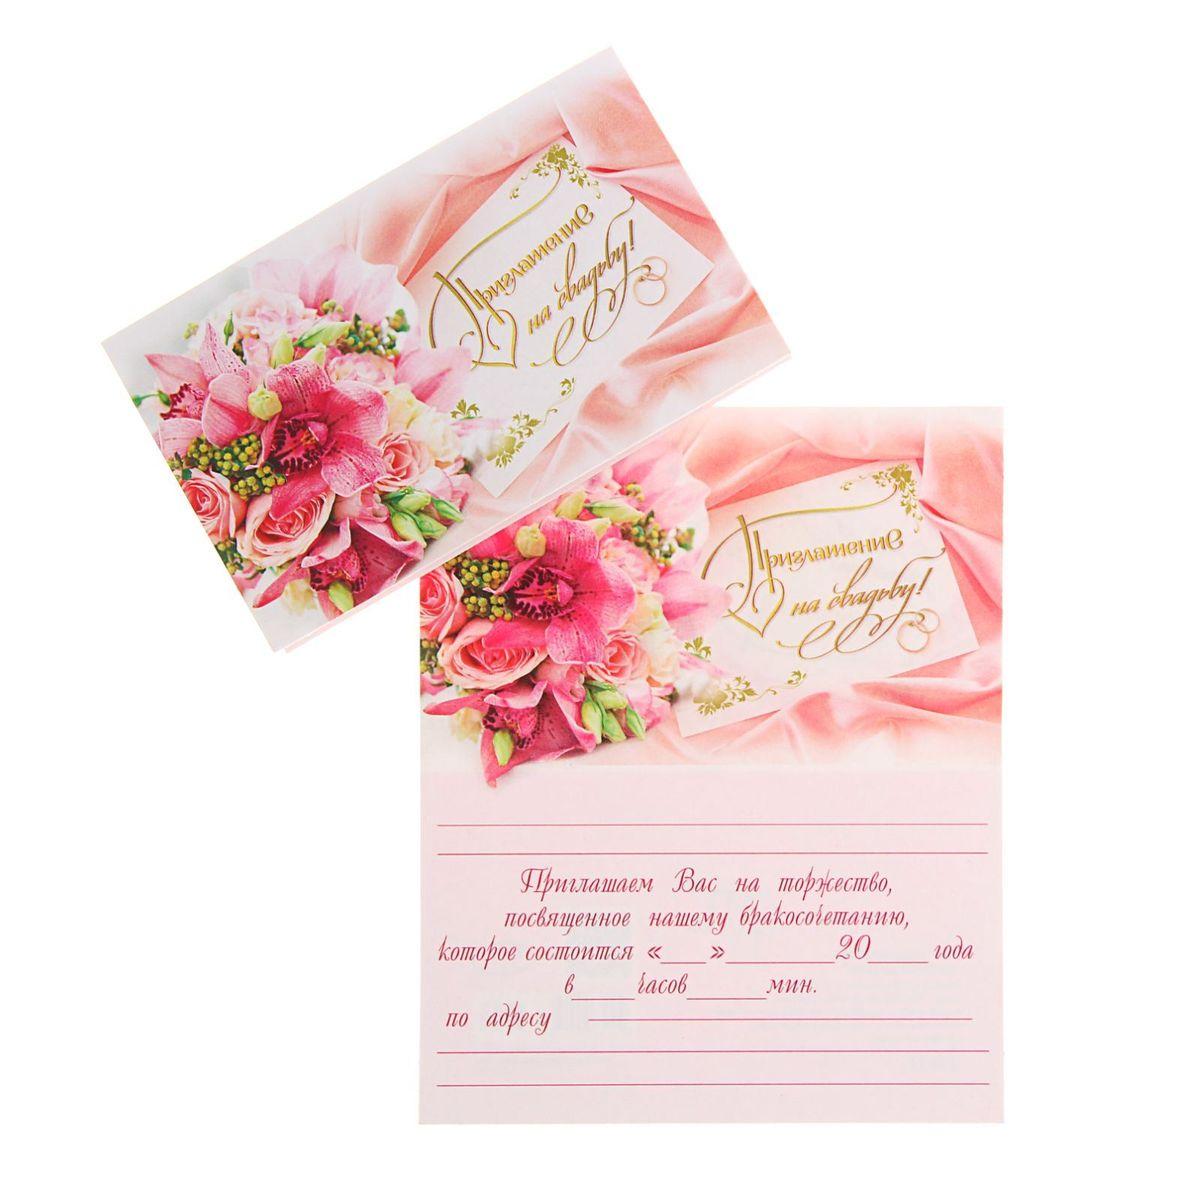 Приглашение на свадьбу Русский дизайн Розовый букет, 14 х 11 см1367748Красивая свадебная пригласительная открытка станет незаменимым атрибутом подготовки к предстоящему торжеству и позволит объявить самым дорогим вам людям о важном событии в вашей жизни. Приглашение на свадьбу Русский дизайн Розовый букет, выполненное из картона, отличается не только оригинальным дизайном, но и высоким качеством. Внутри - текст приглашения. Вам остается заполнить необходимые строки и раздать гостям. Устройте себе незабываемую свадьбу! Размер: 14 х 11 см.